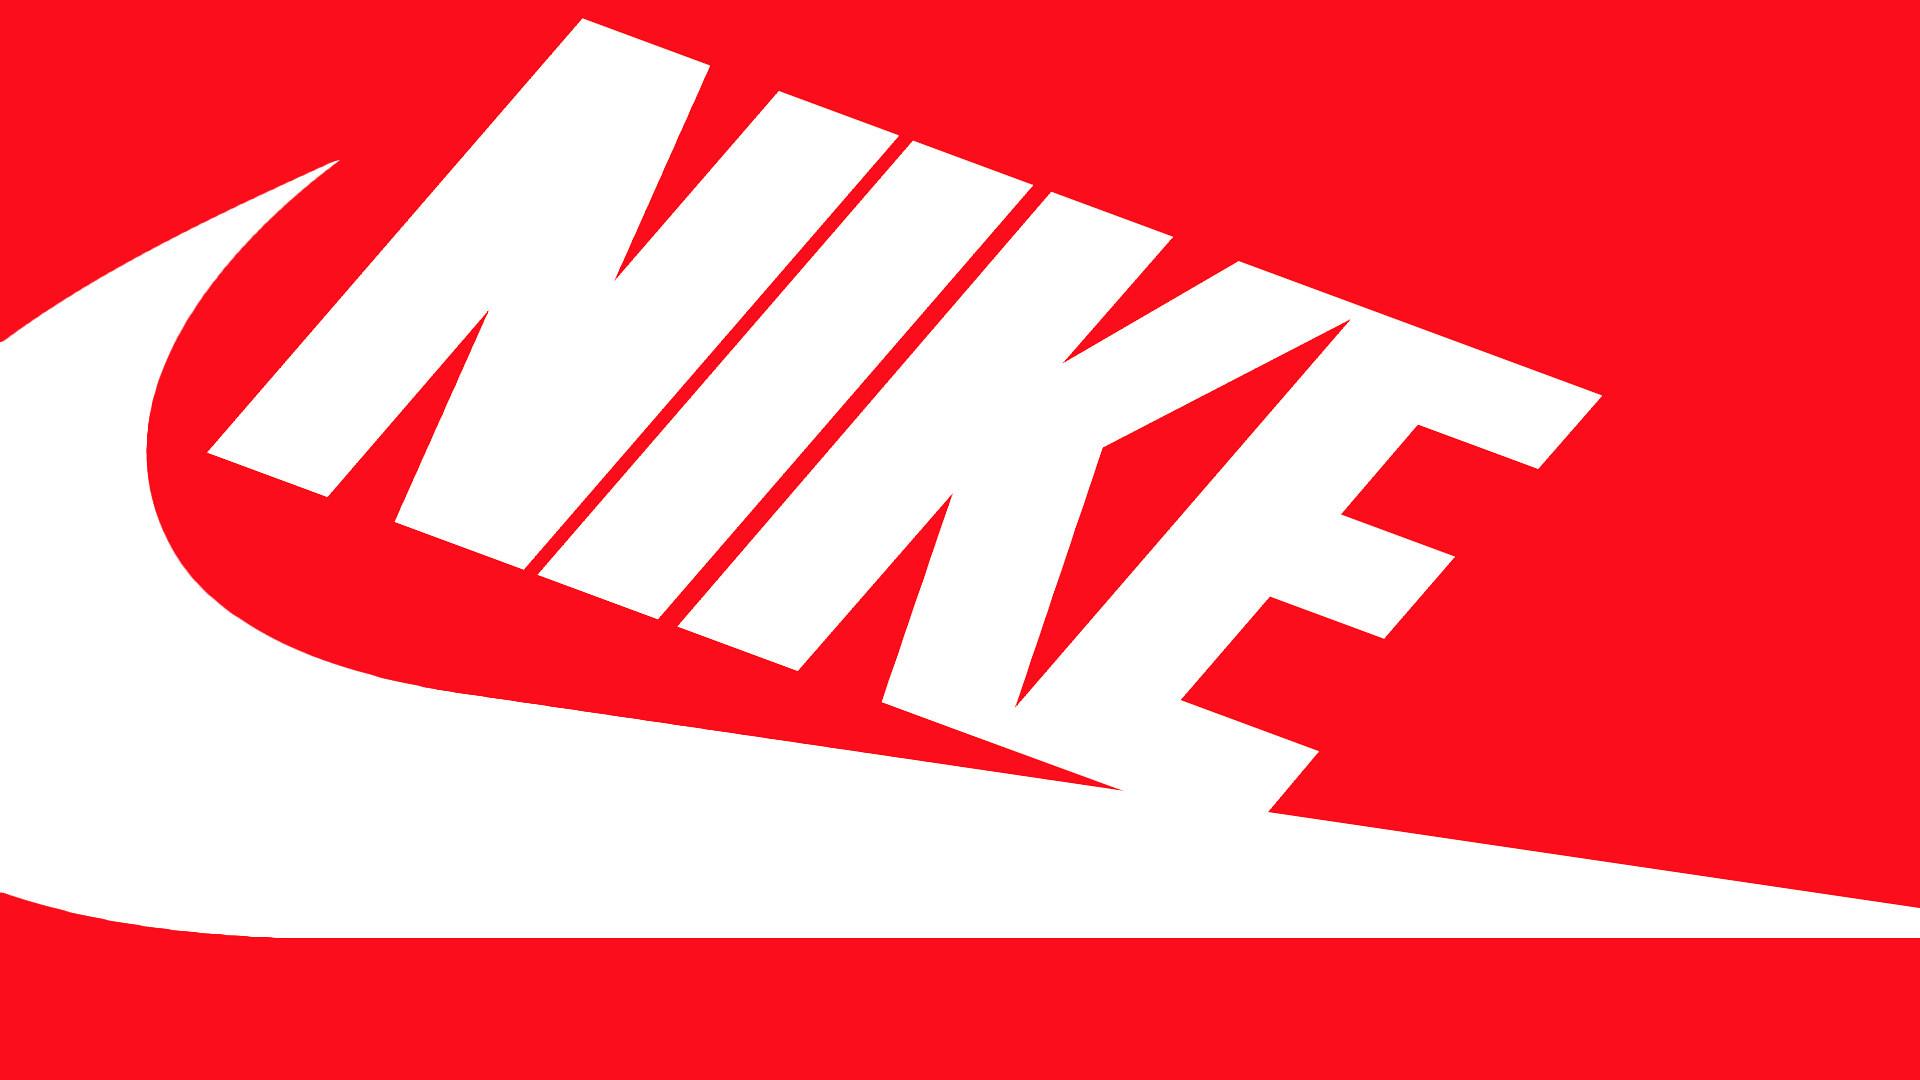 Res: 1920x1080, Nike logo HD wallpaper.